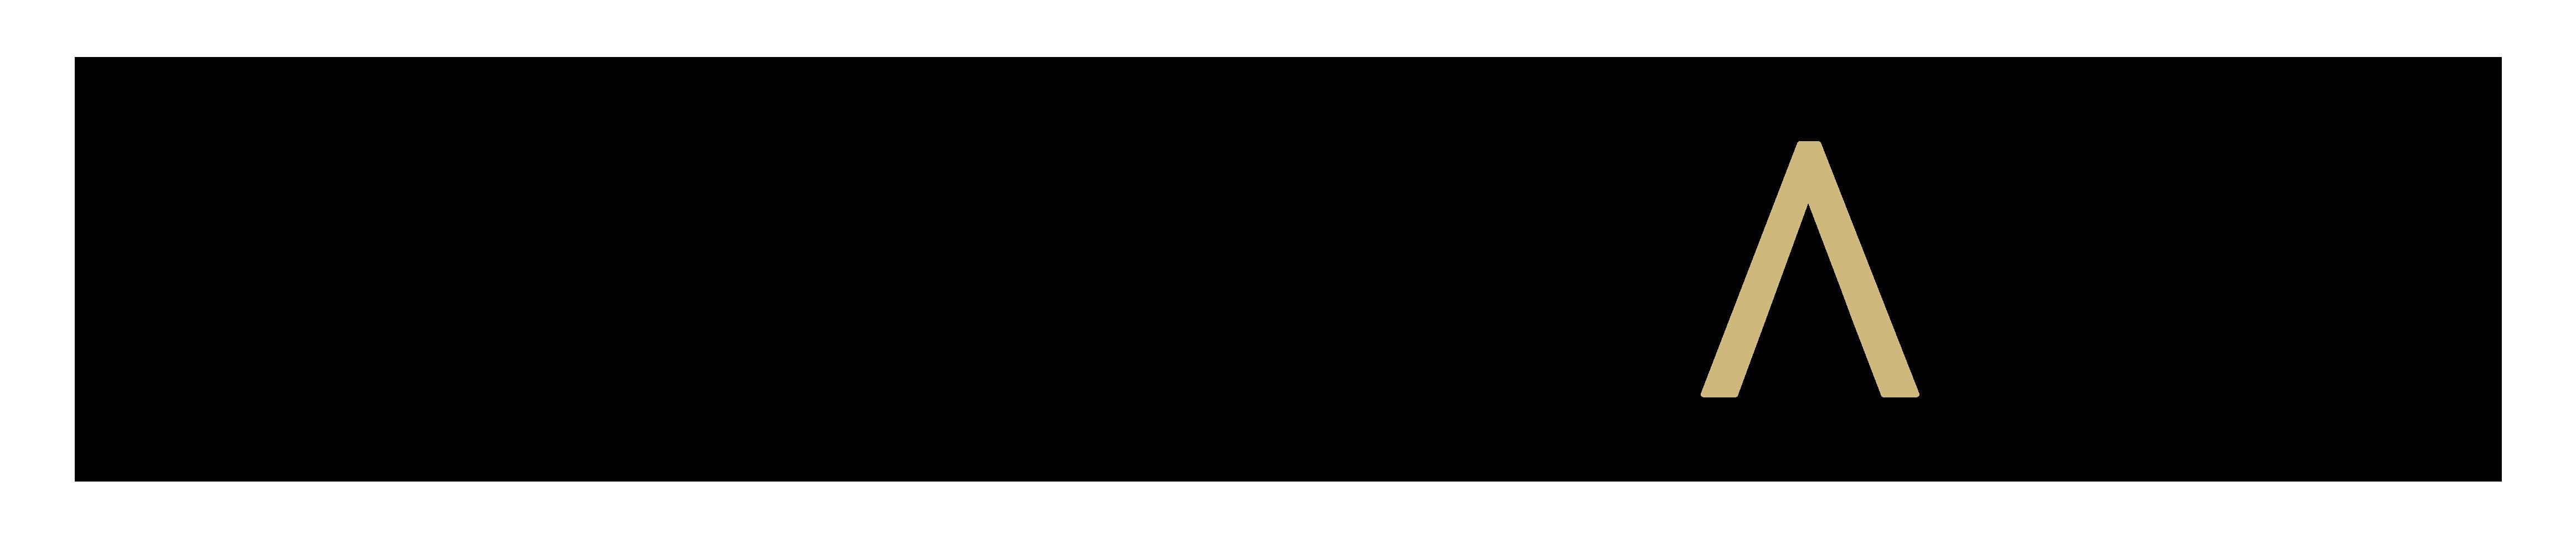 Train Waco logo